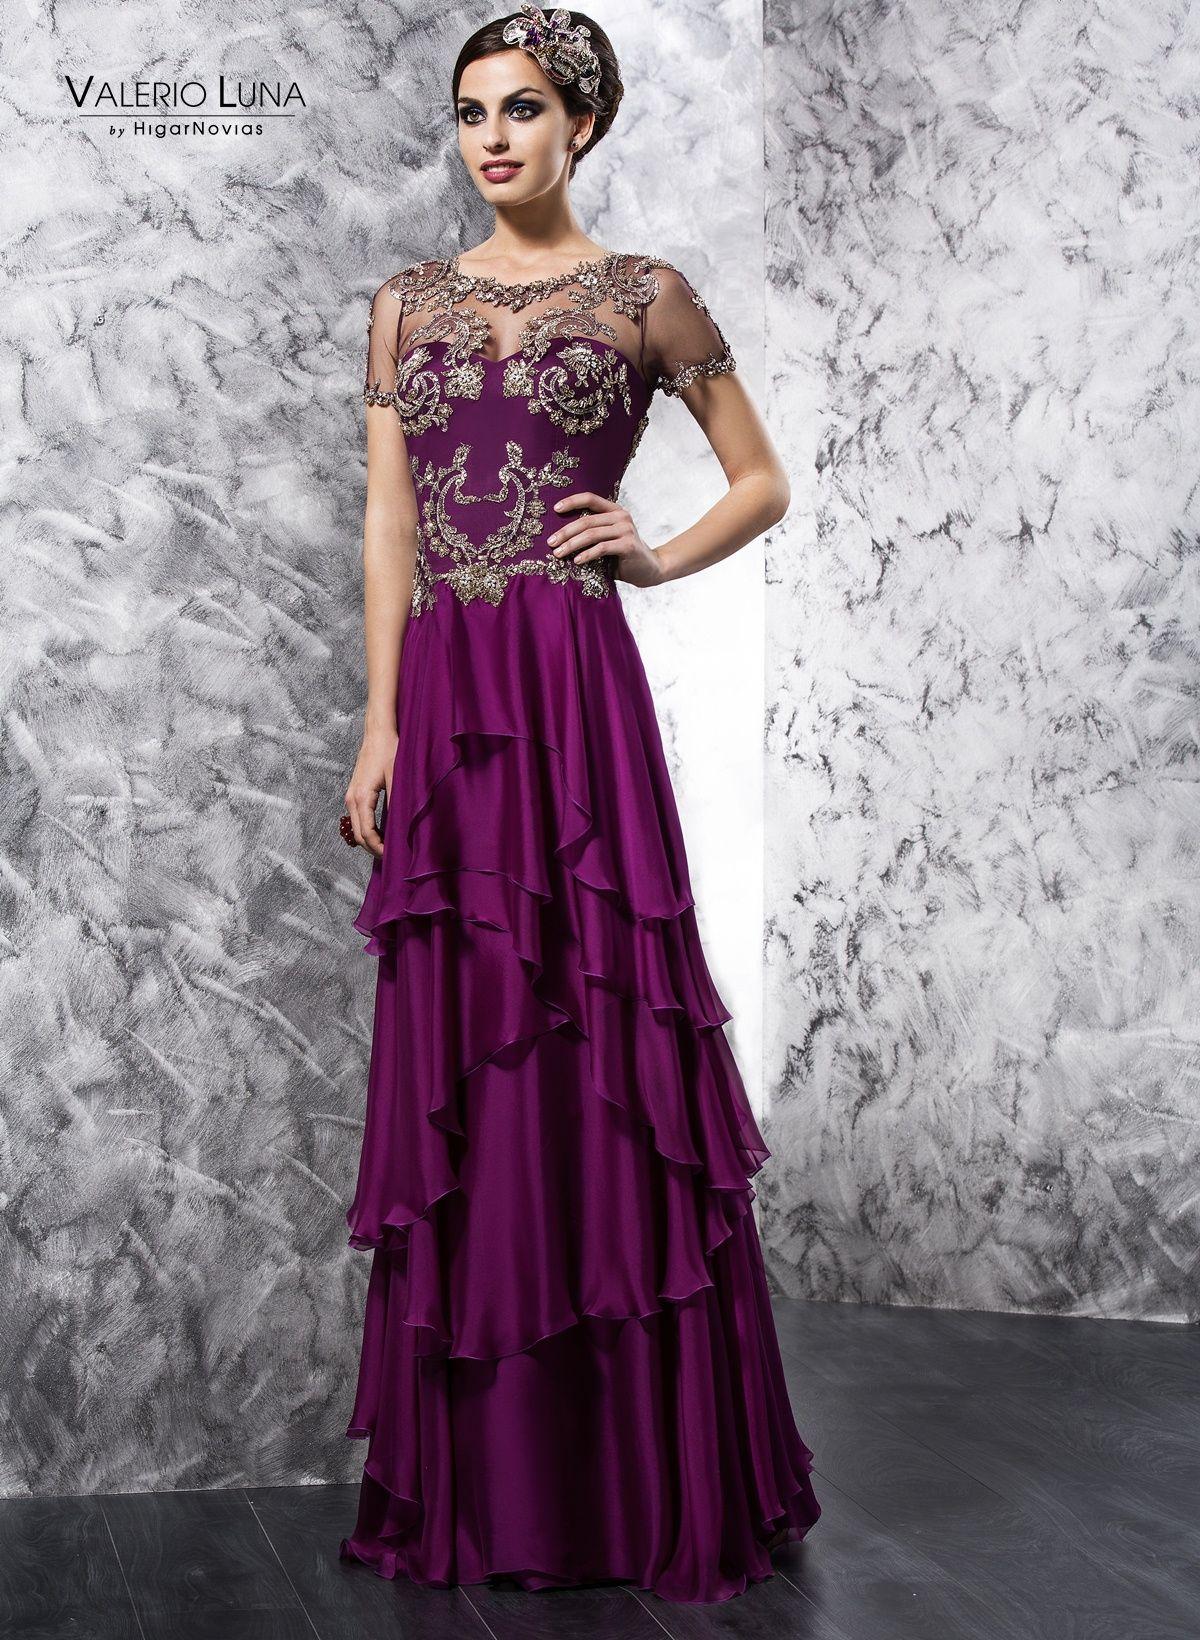 Colección 2014 de Valerio Luna, vestido en gasa, seda y pedrería ...